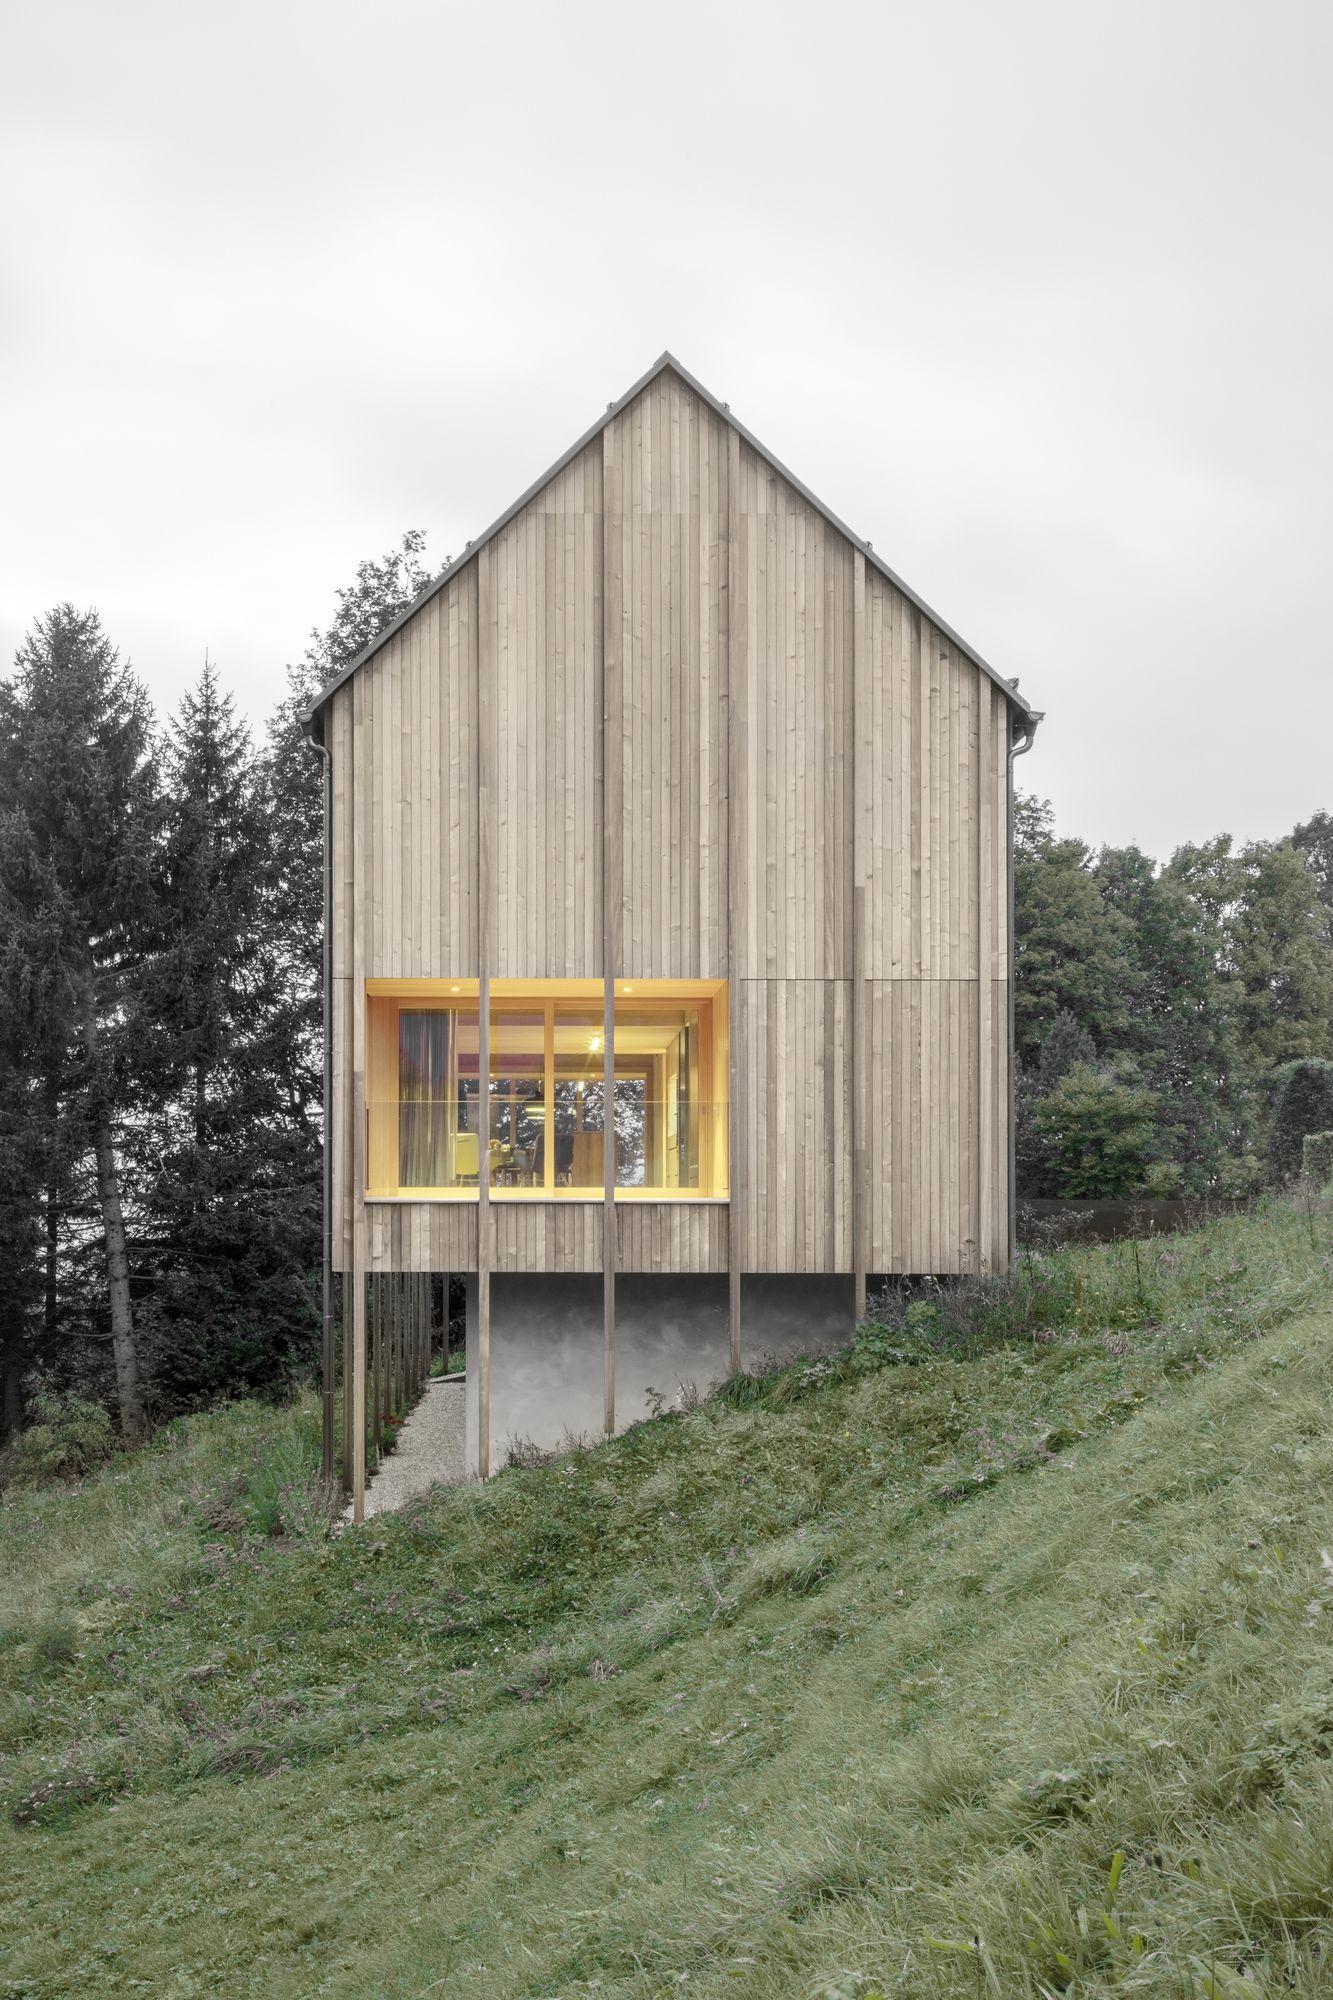 Bernardo-Bader-.-Stürcher-forest-House-.-Laterns-1.jpg (JPEG Image, 1333 × 2000 pixels) - Scaled (60%)